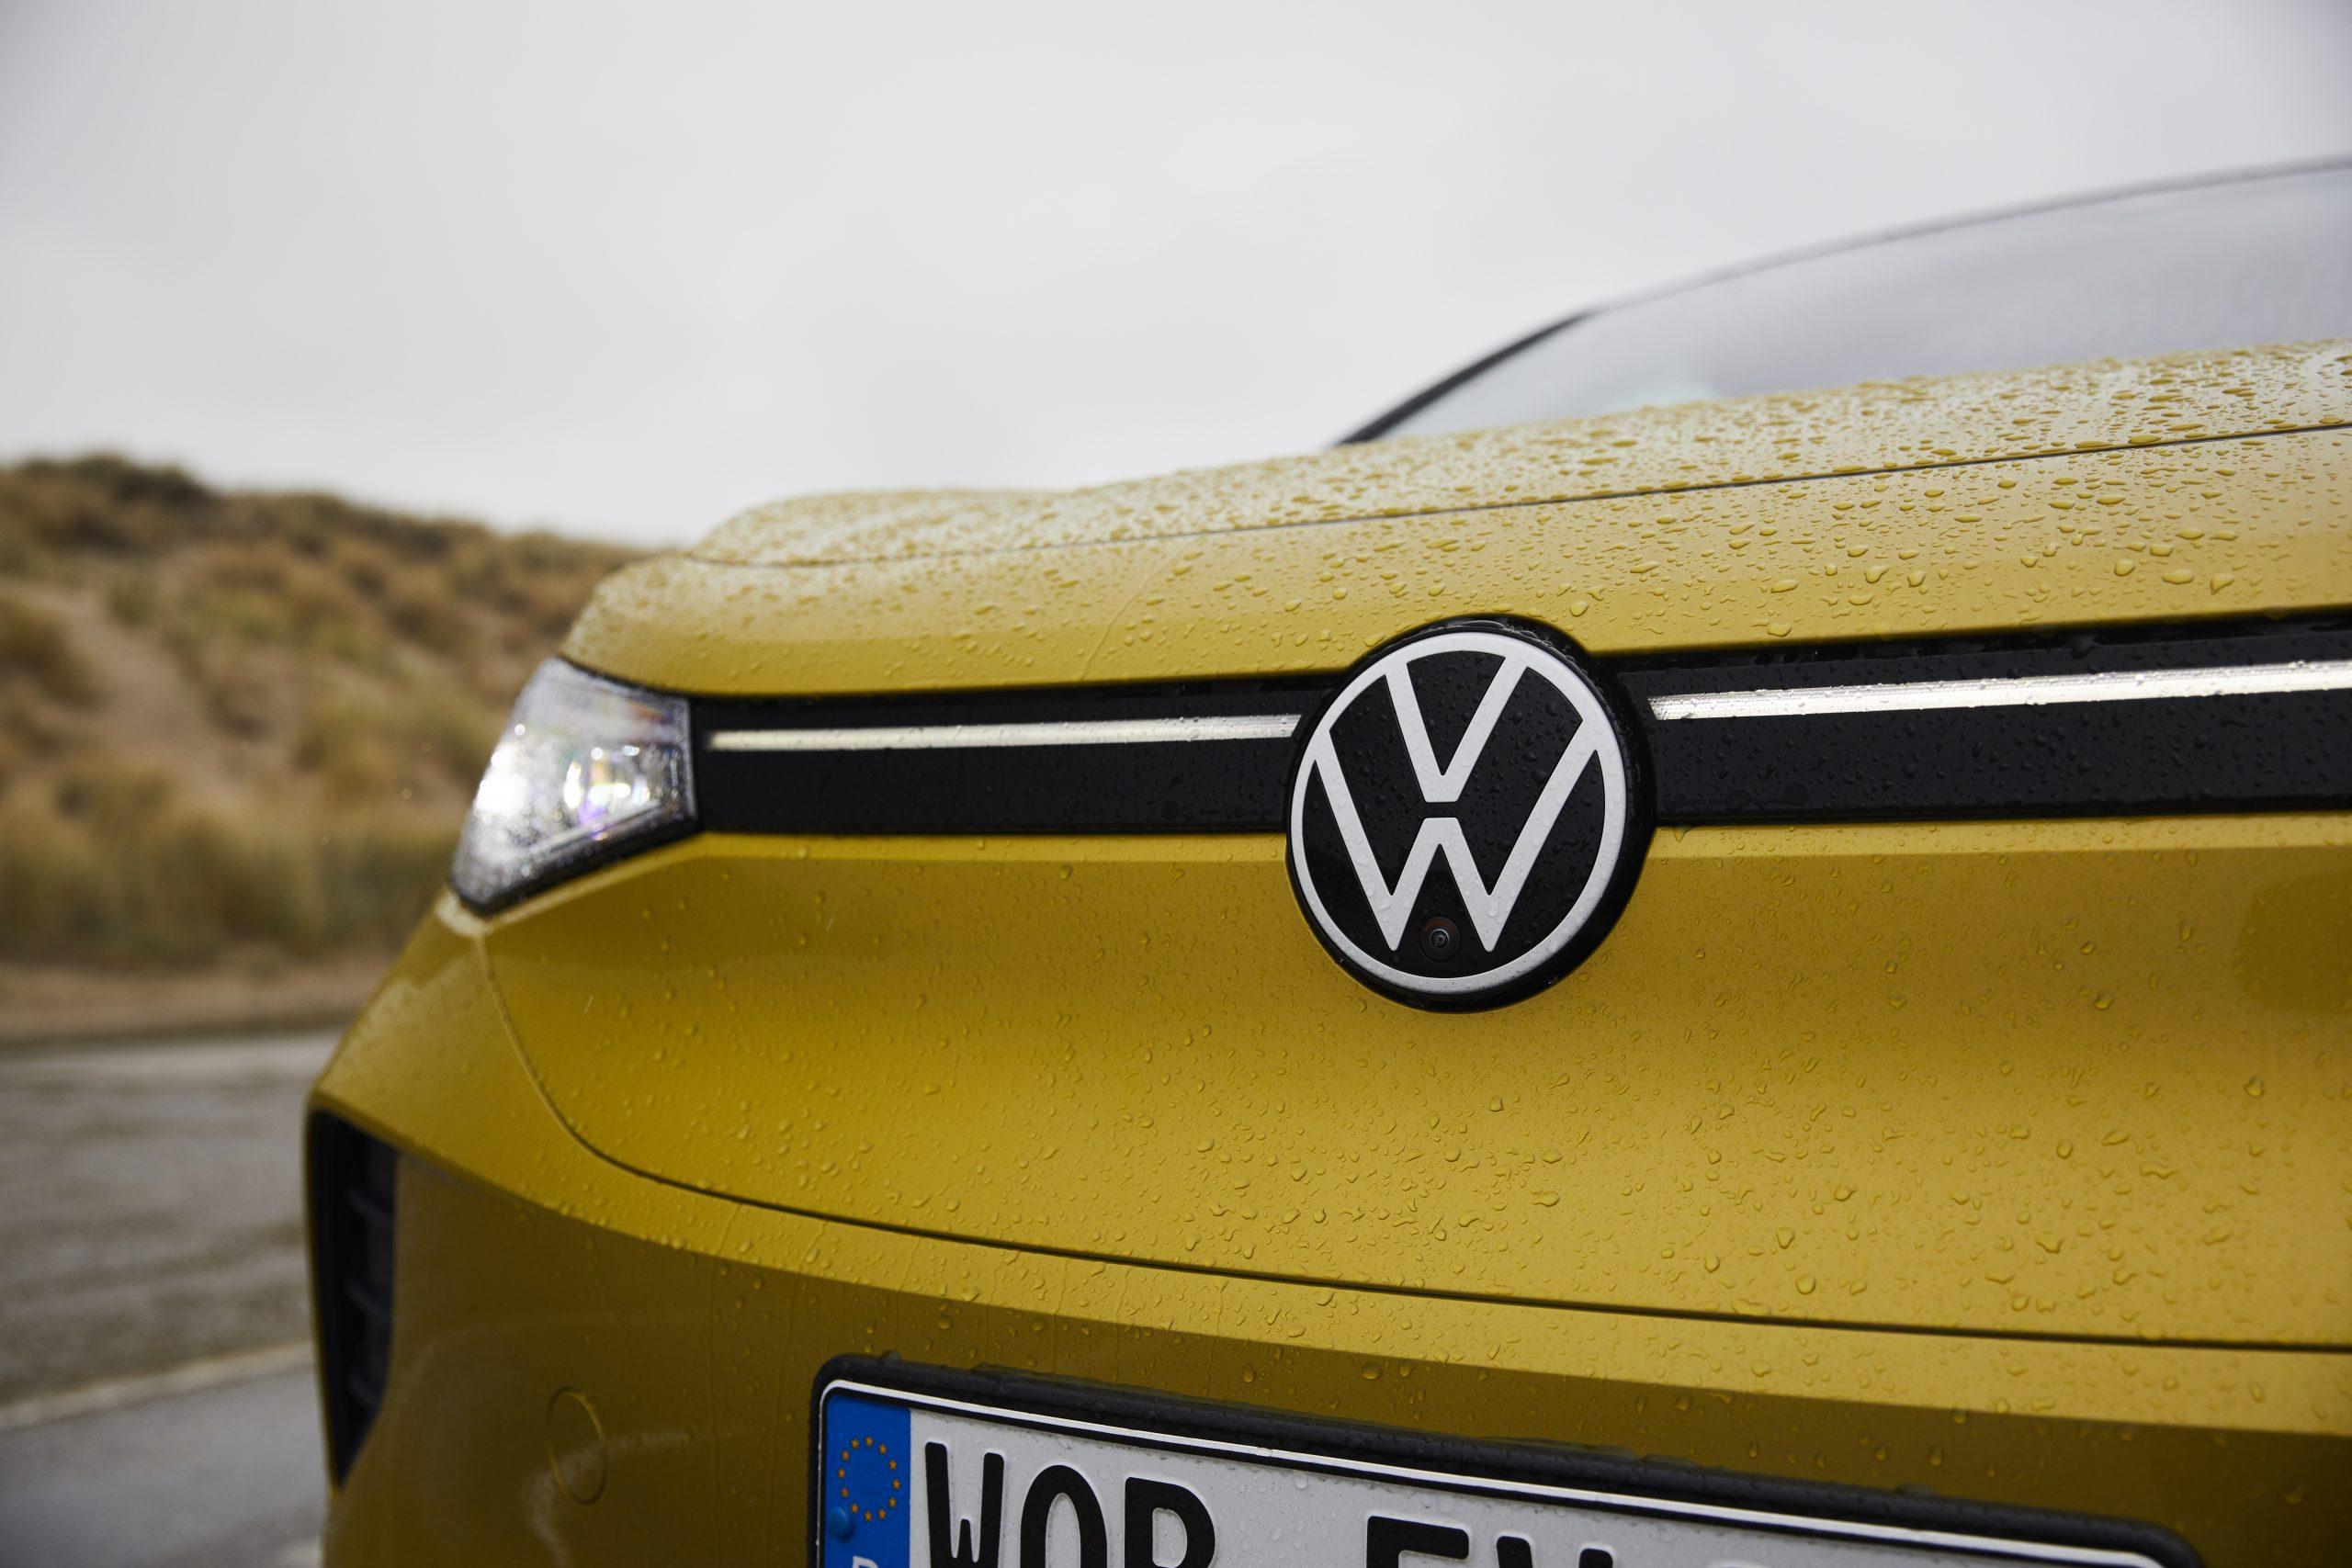 Volkswagen ID. 4 met VW-logo in de grille